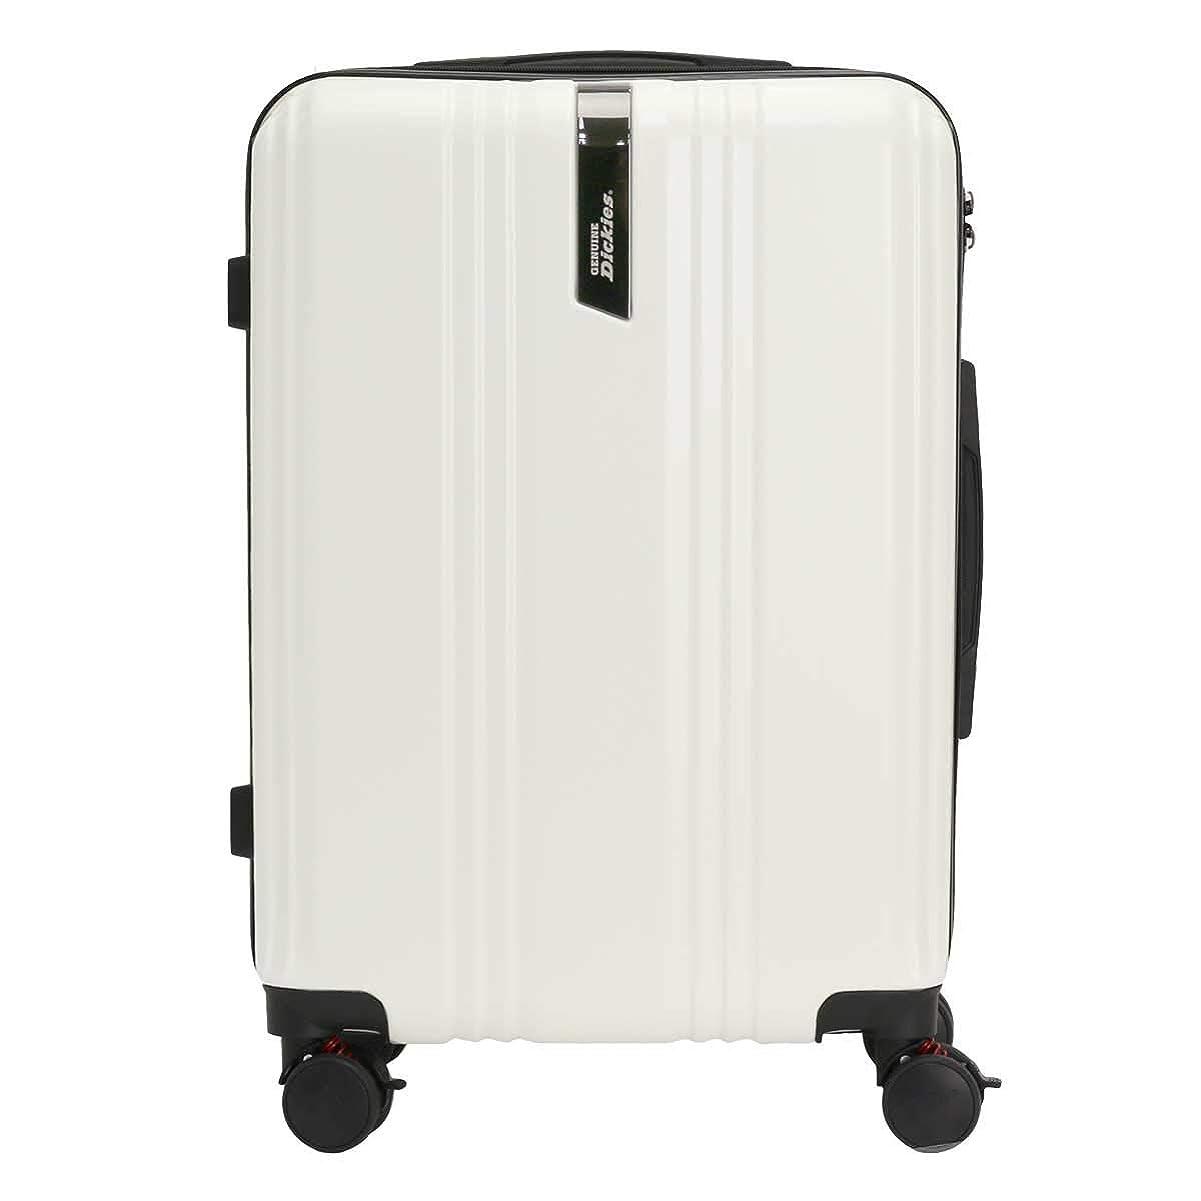 台風仕立て屋ビヨン[ディッキーズ] Dickies キャリーバッグ スーツケース Mサイズ ハード ジッパーキャリー 47L メンズ レディース TSAロック 22インチ マルチ ファンクション 17-05